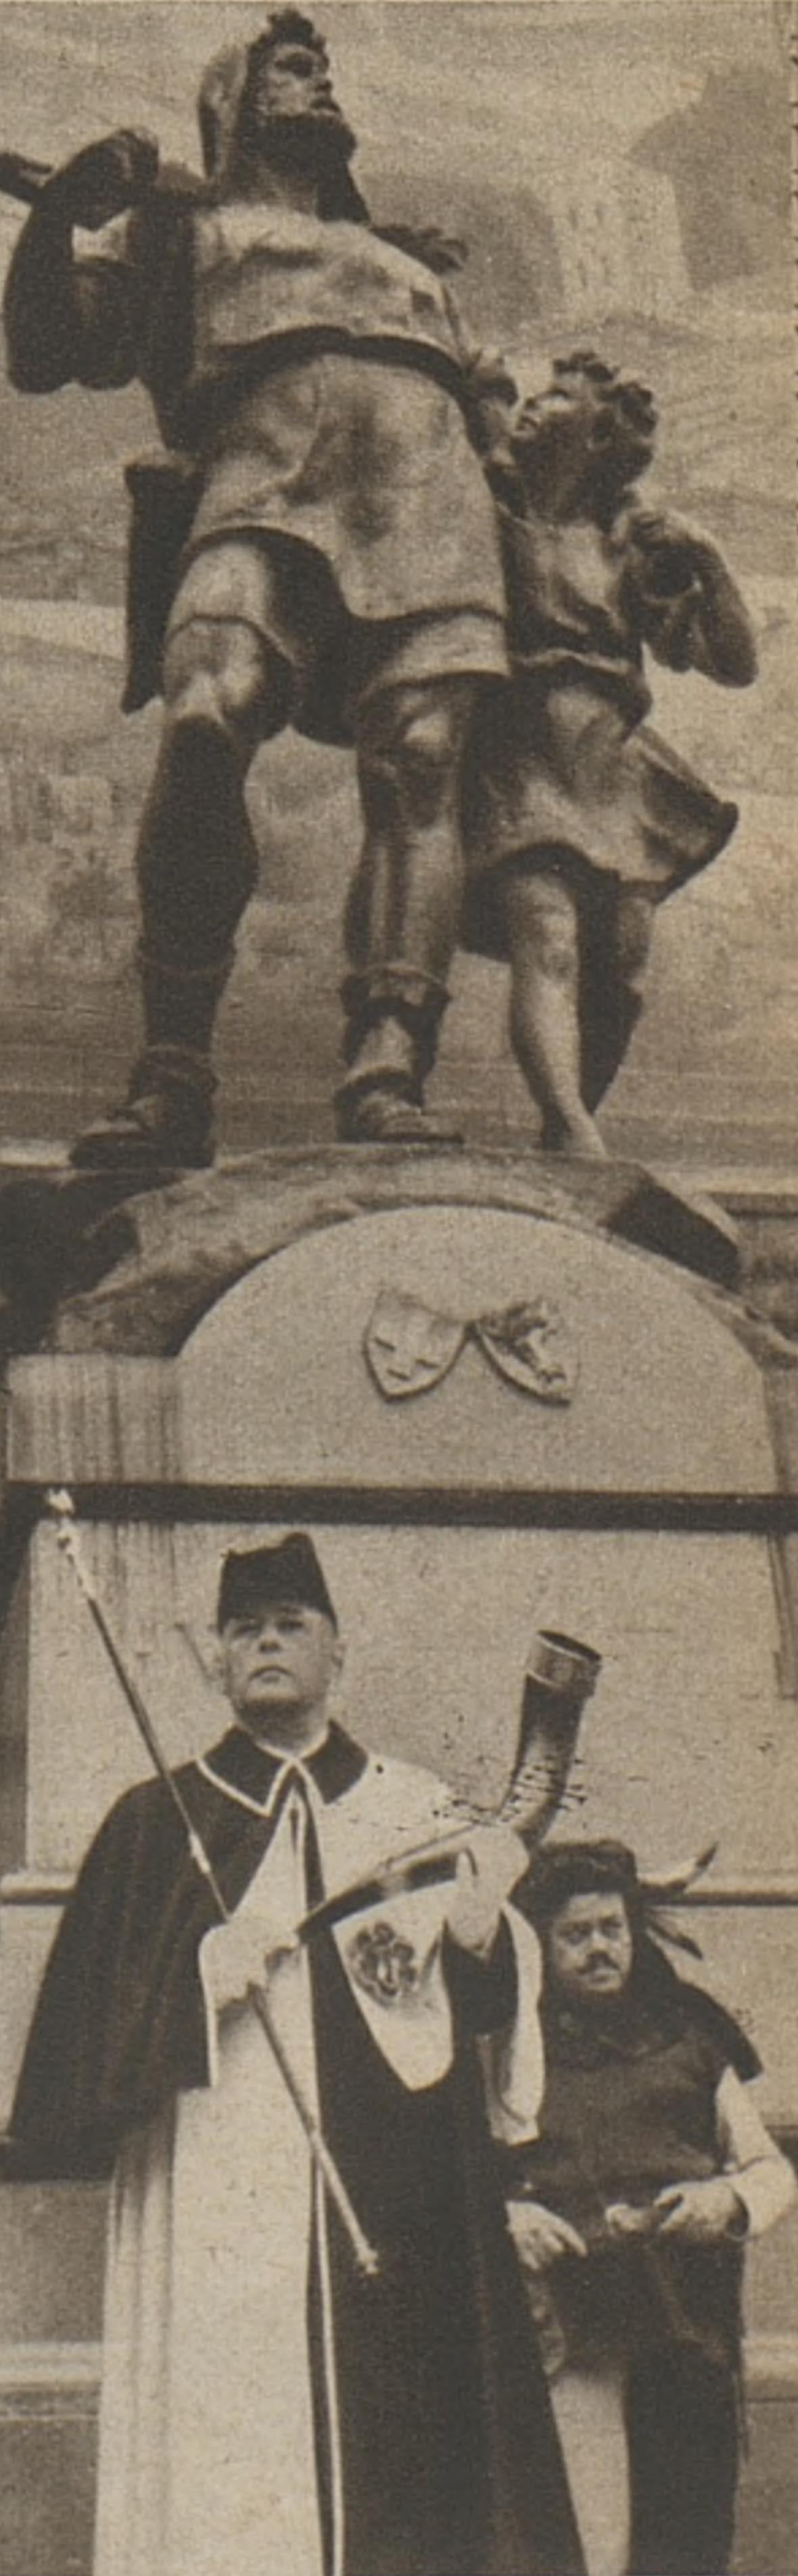 Le monument de Guillaume Tell à Altdorf en 1941, le huissier présente une trompe datant du XVe siècle, cliquer pour voir un agrandissement